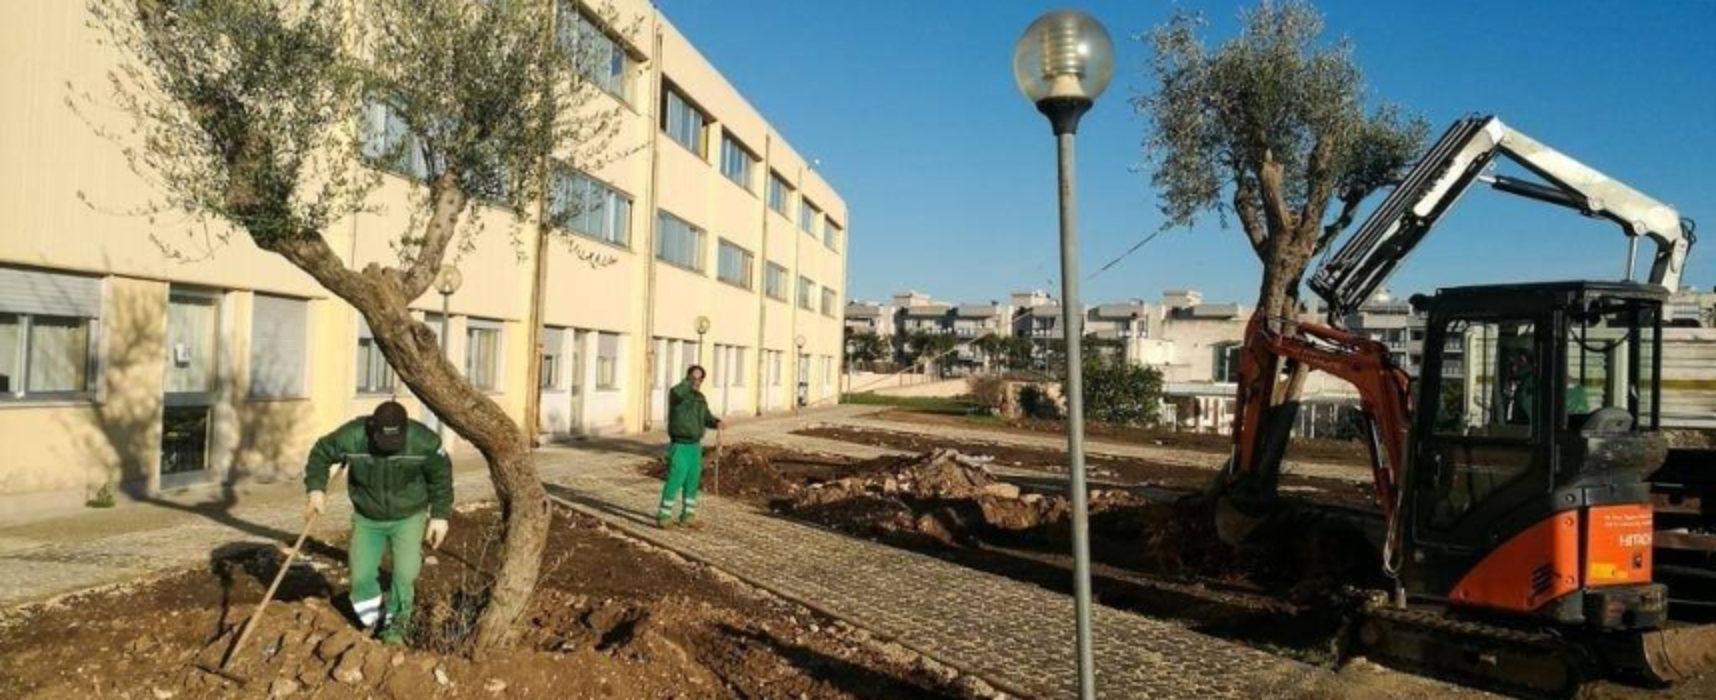 """Angarano: """"Continuiamo ad abbellire e rendere confortevoli le nostre scuole"""" / FOTO"""